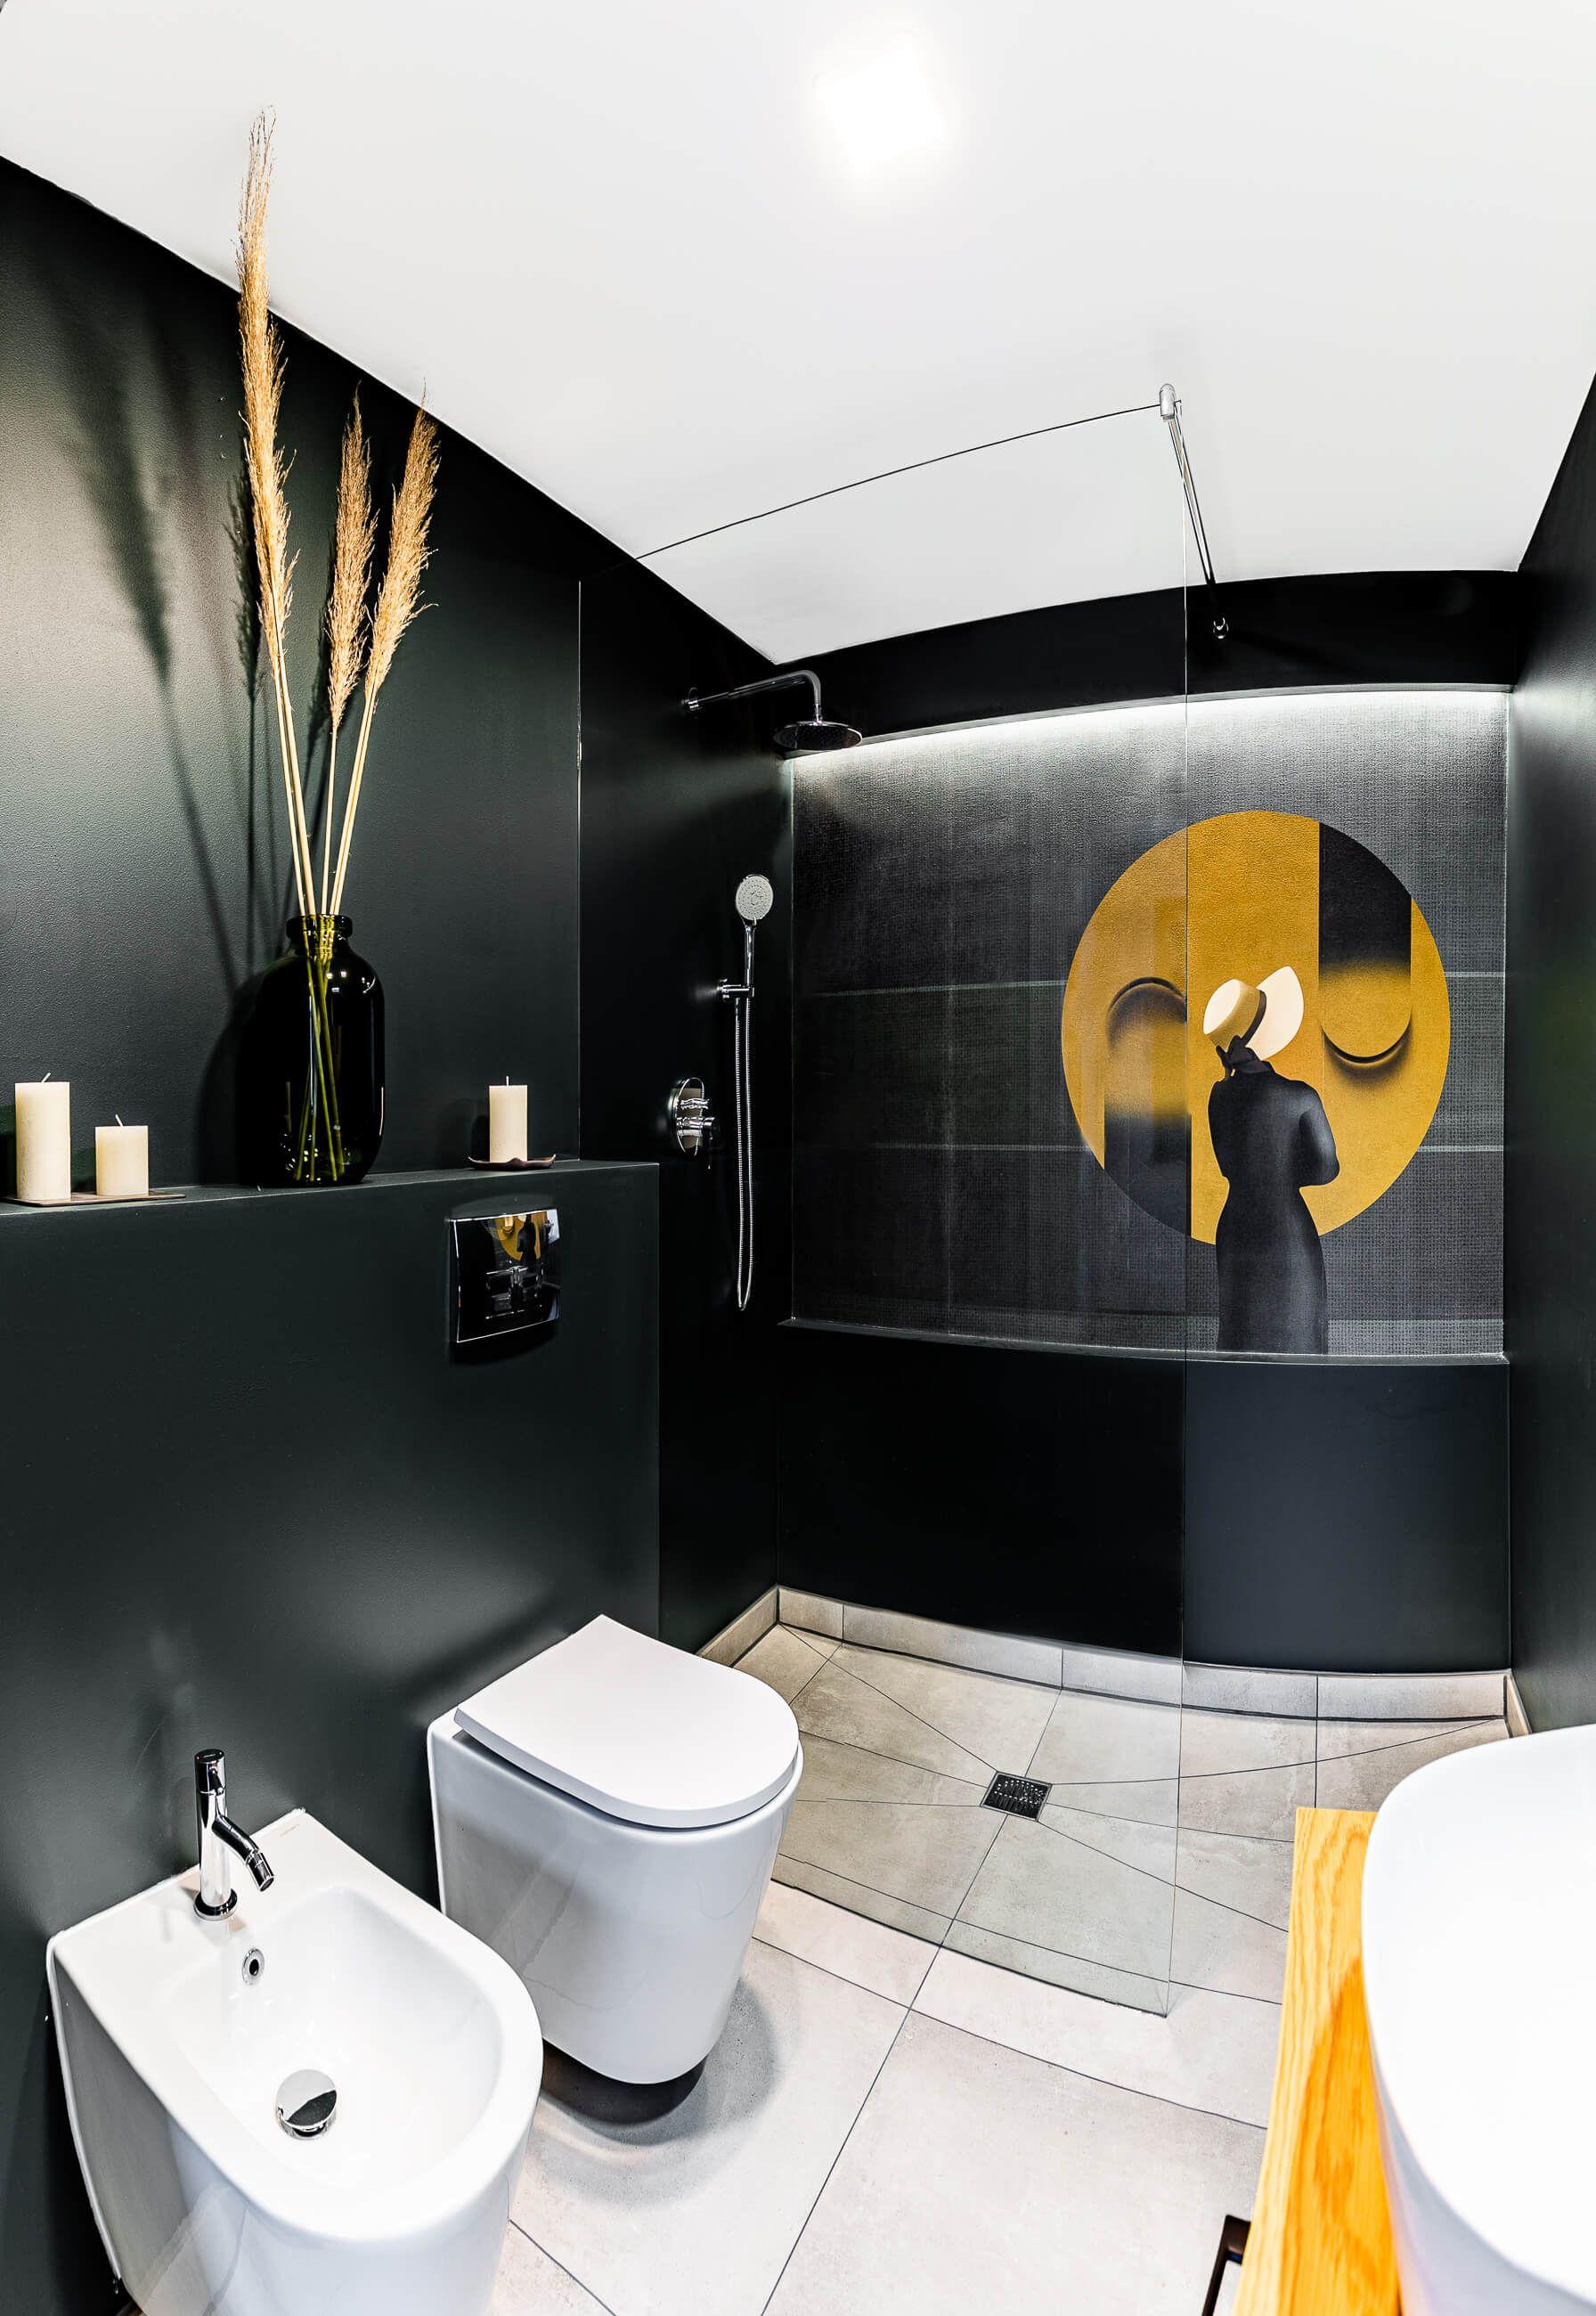 Zdjęcie luksusowej łazienki z seshu zdjęciowej w Poznaniu